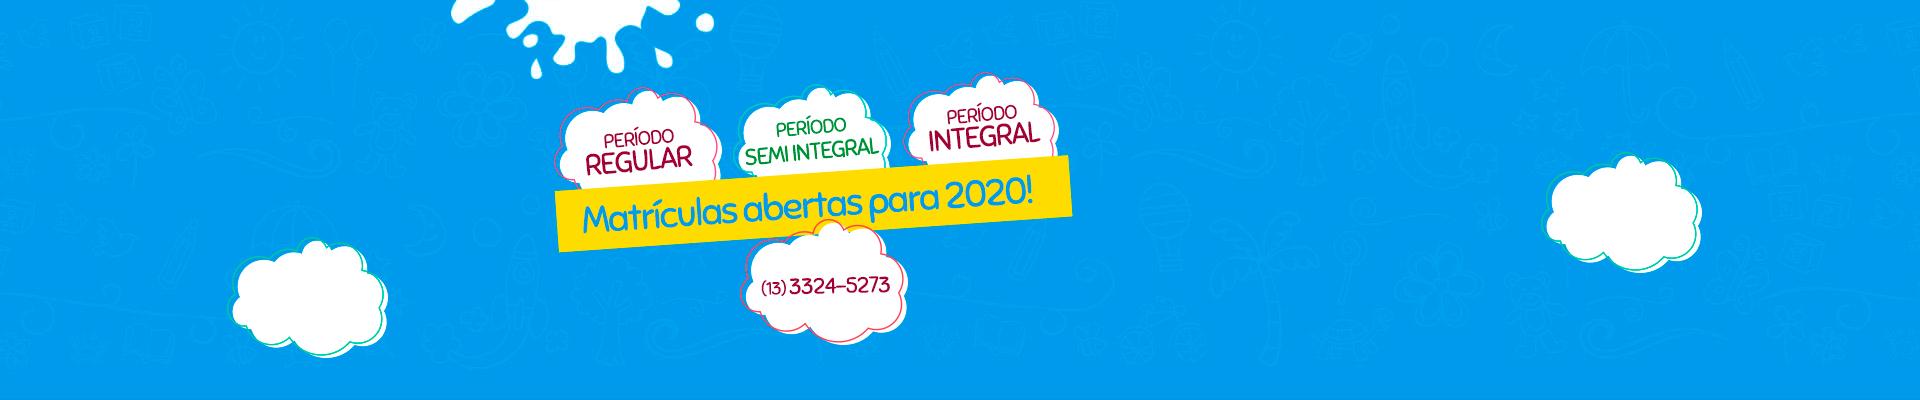 3-Escola-Colegio-Educar-Santos-Educacao-Infantil-em-Santos-rua-Espirito-Santo-17-19-e-22-mais-proximo